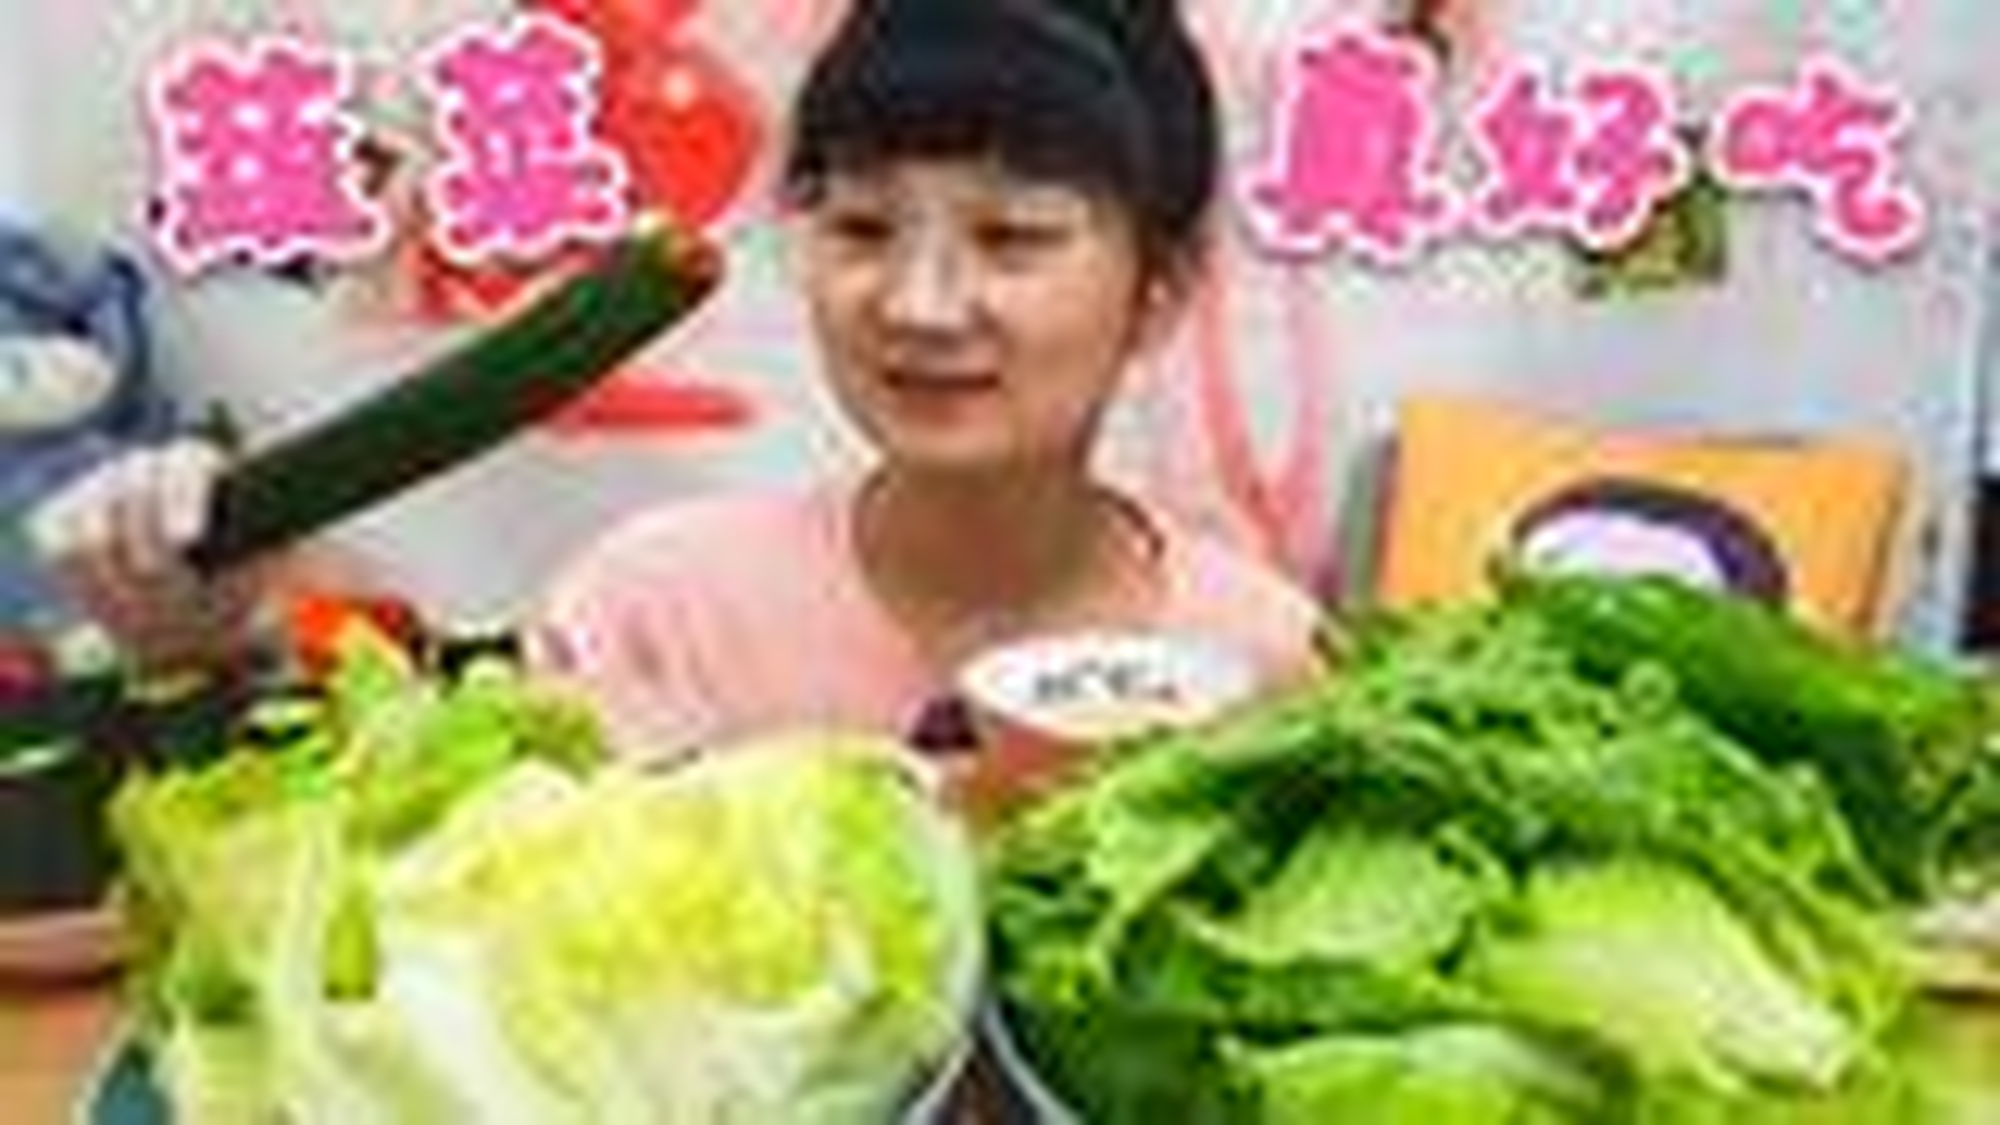 【小猪猪特能吃】蔬菜特辑!生菜蘸酱黄瓜蘸酱青椒蘸酱,菜真好吃